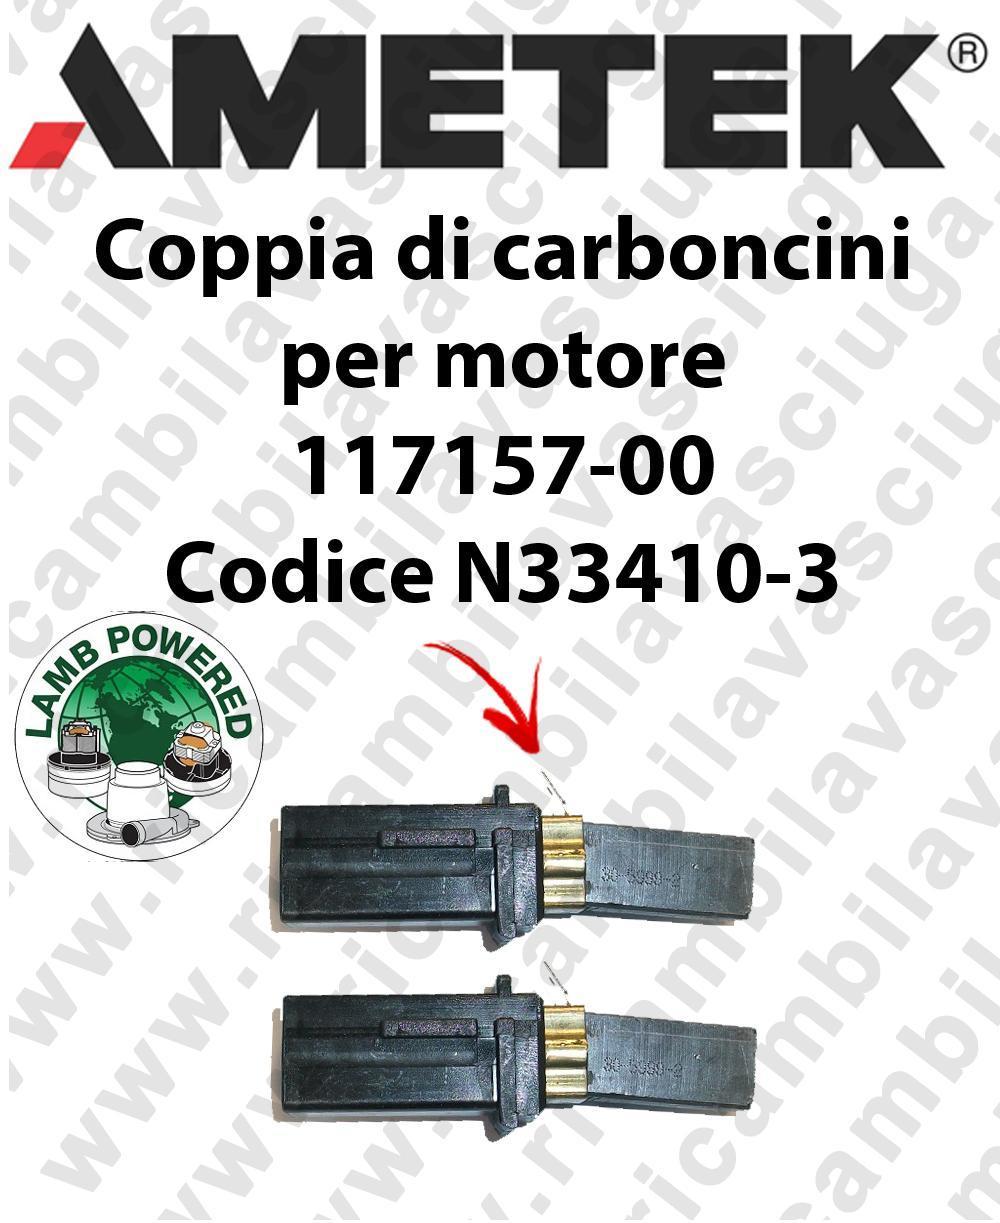 Couple of Carbon Motor brush for VACUUM MOTOR LAMB AMETEK 117157-00 cod. N33410-3